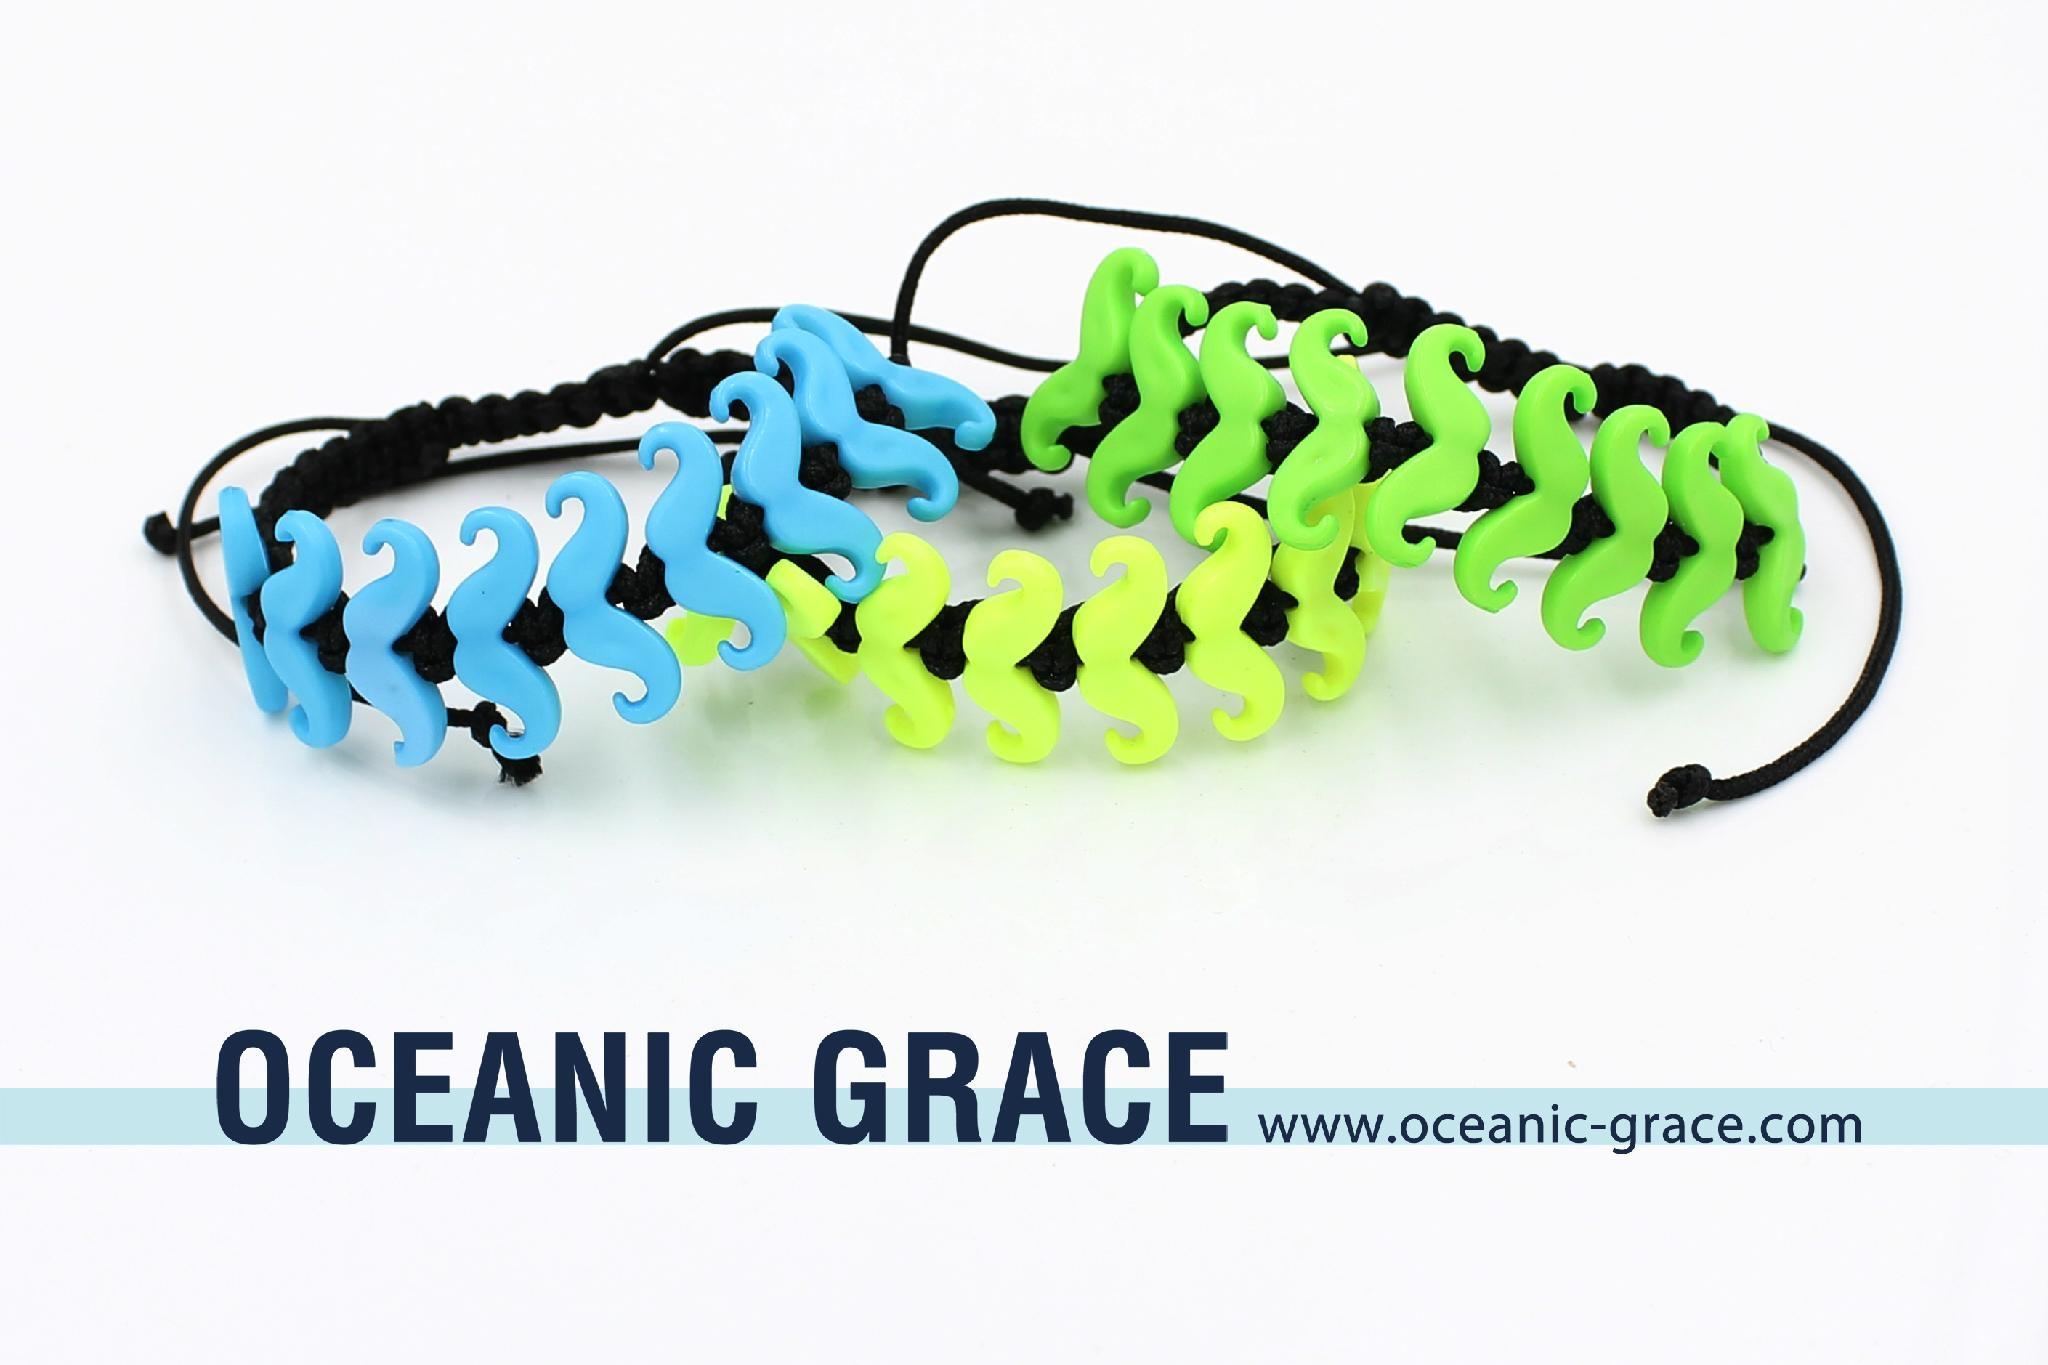 Drawstring Bracelet with Mustache Beads Kids Bracelets BFF Bracelets 1